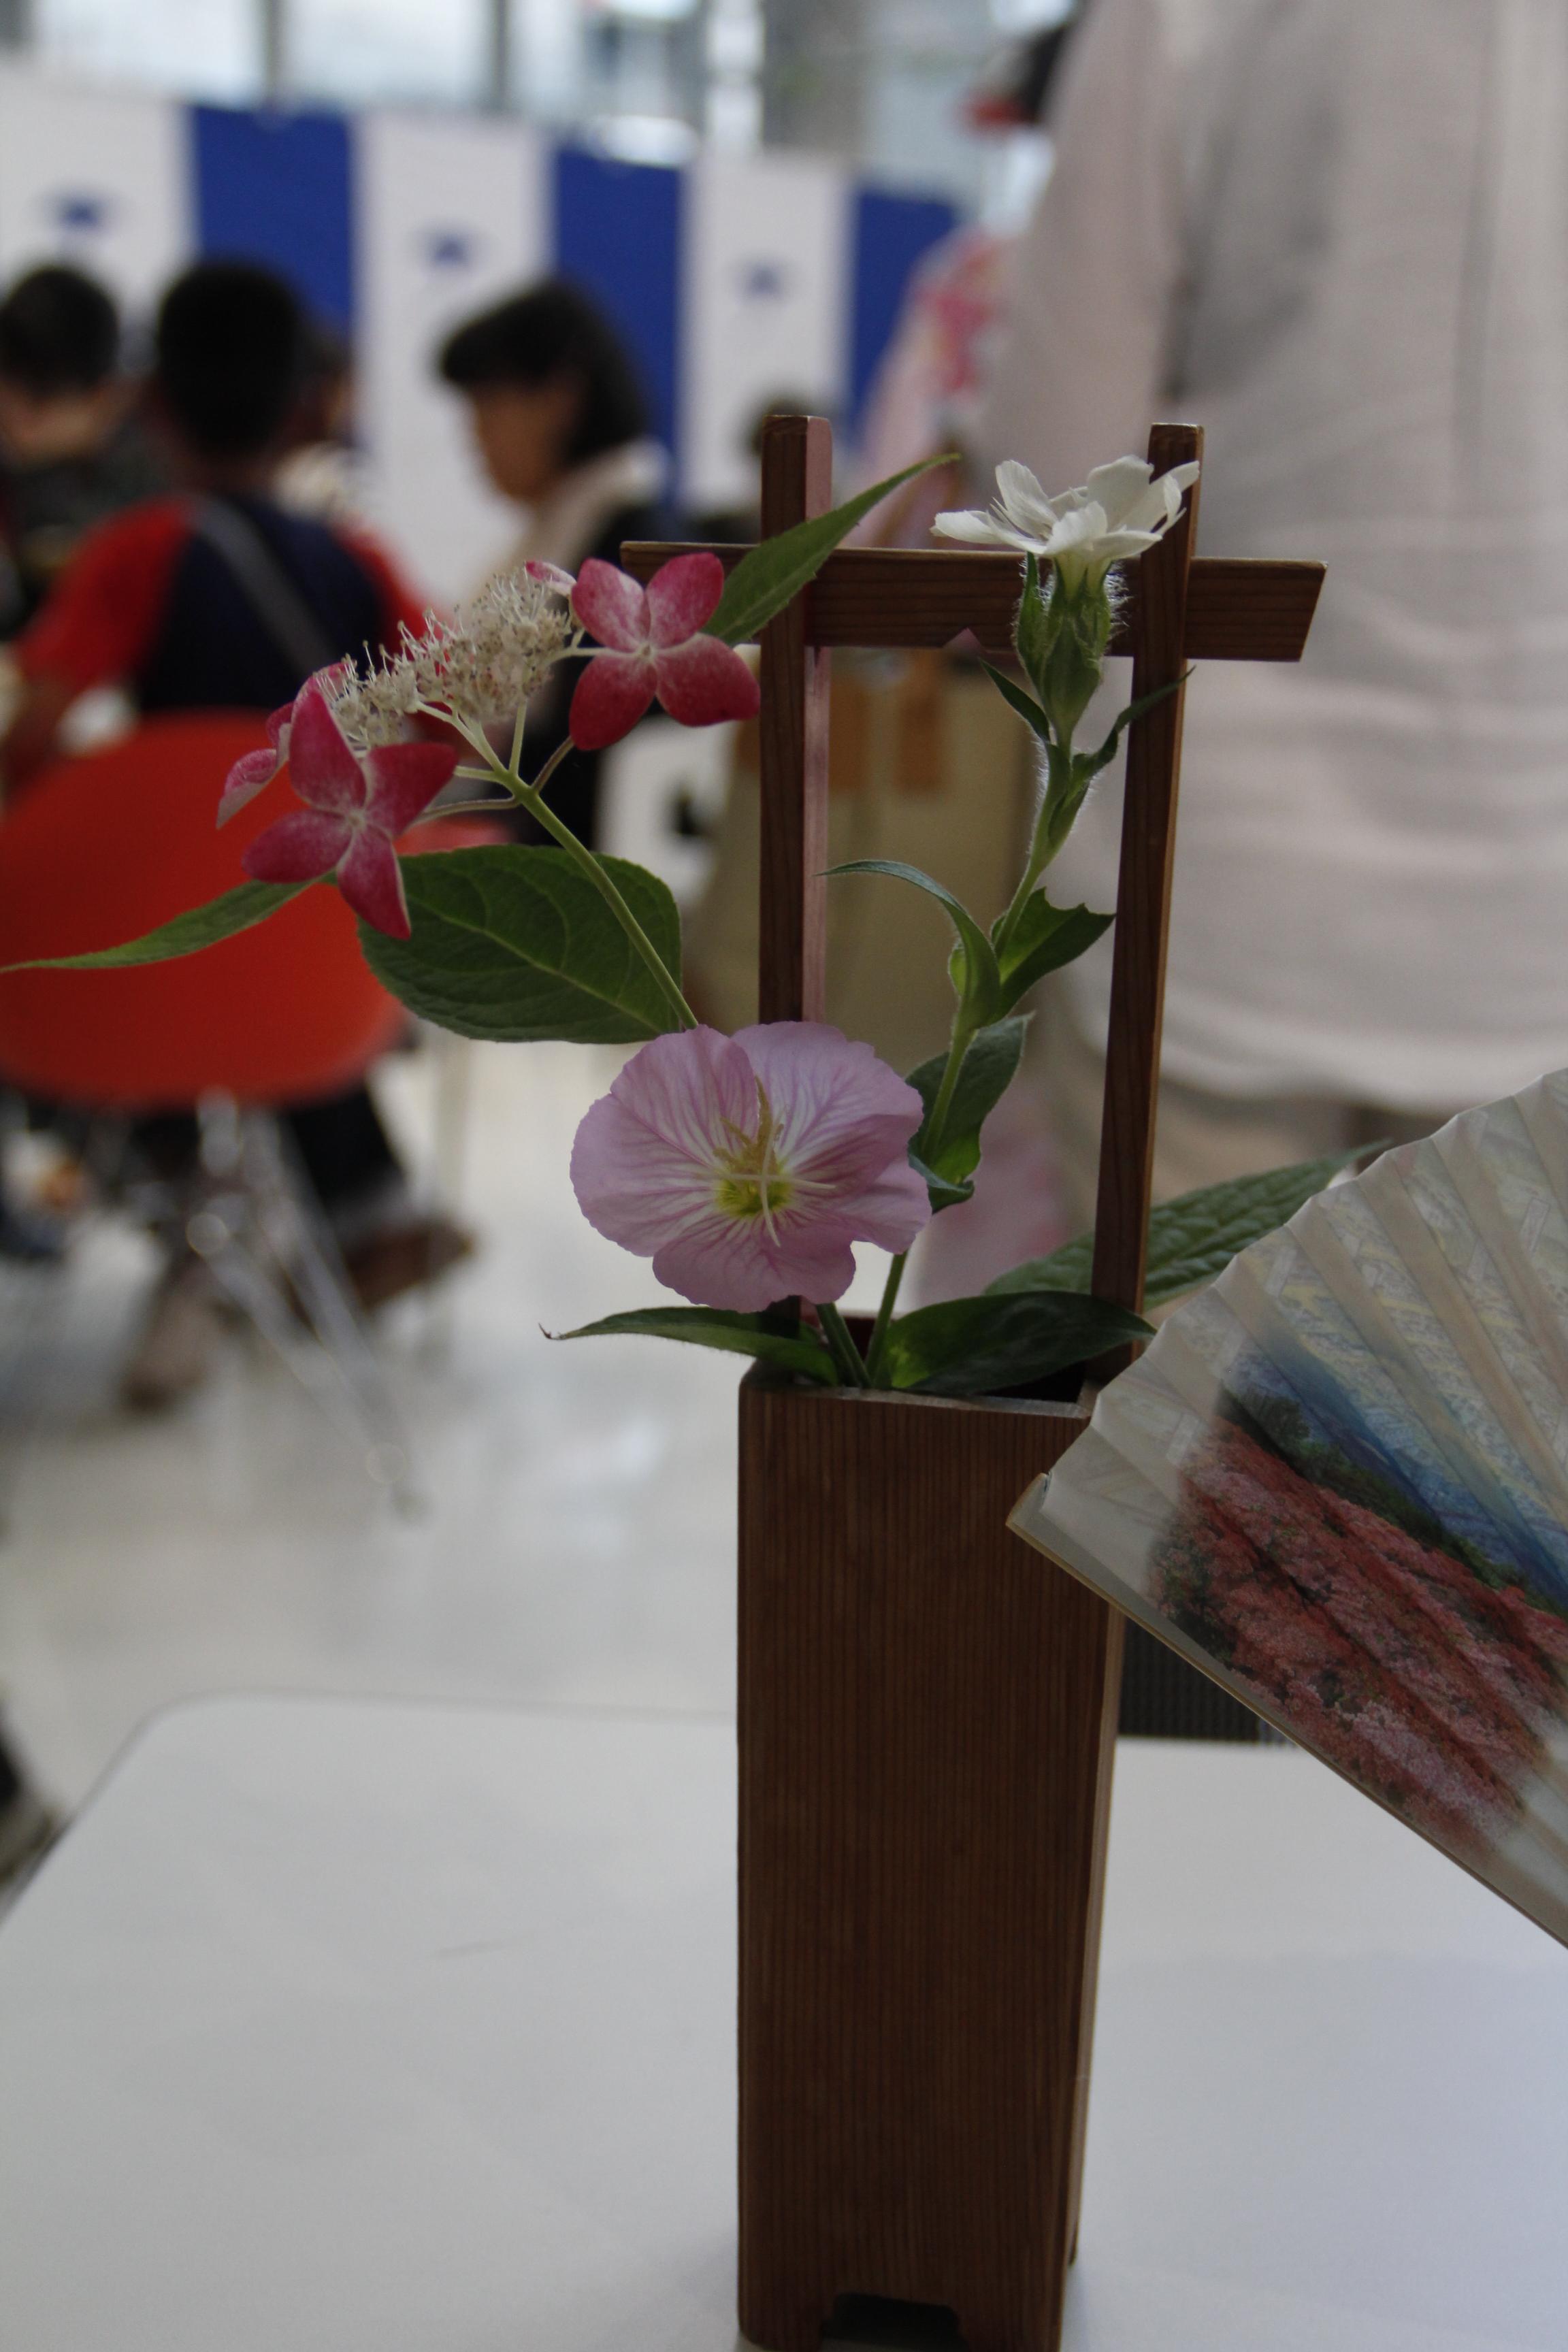 http://hacchi.jp/blog/upload/images/20140703_3.JPG